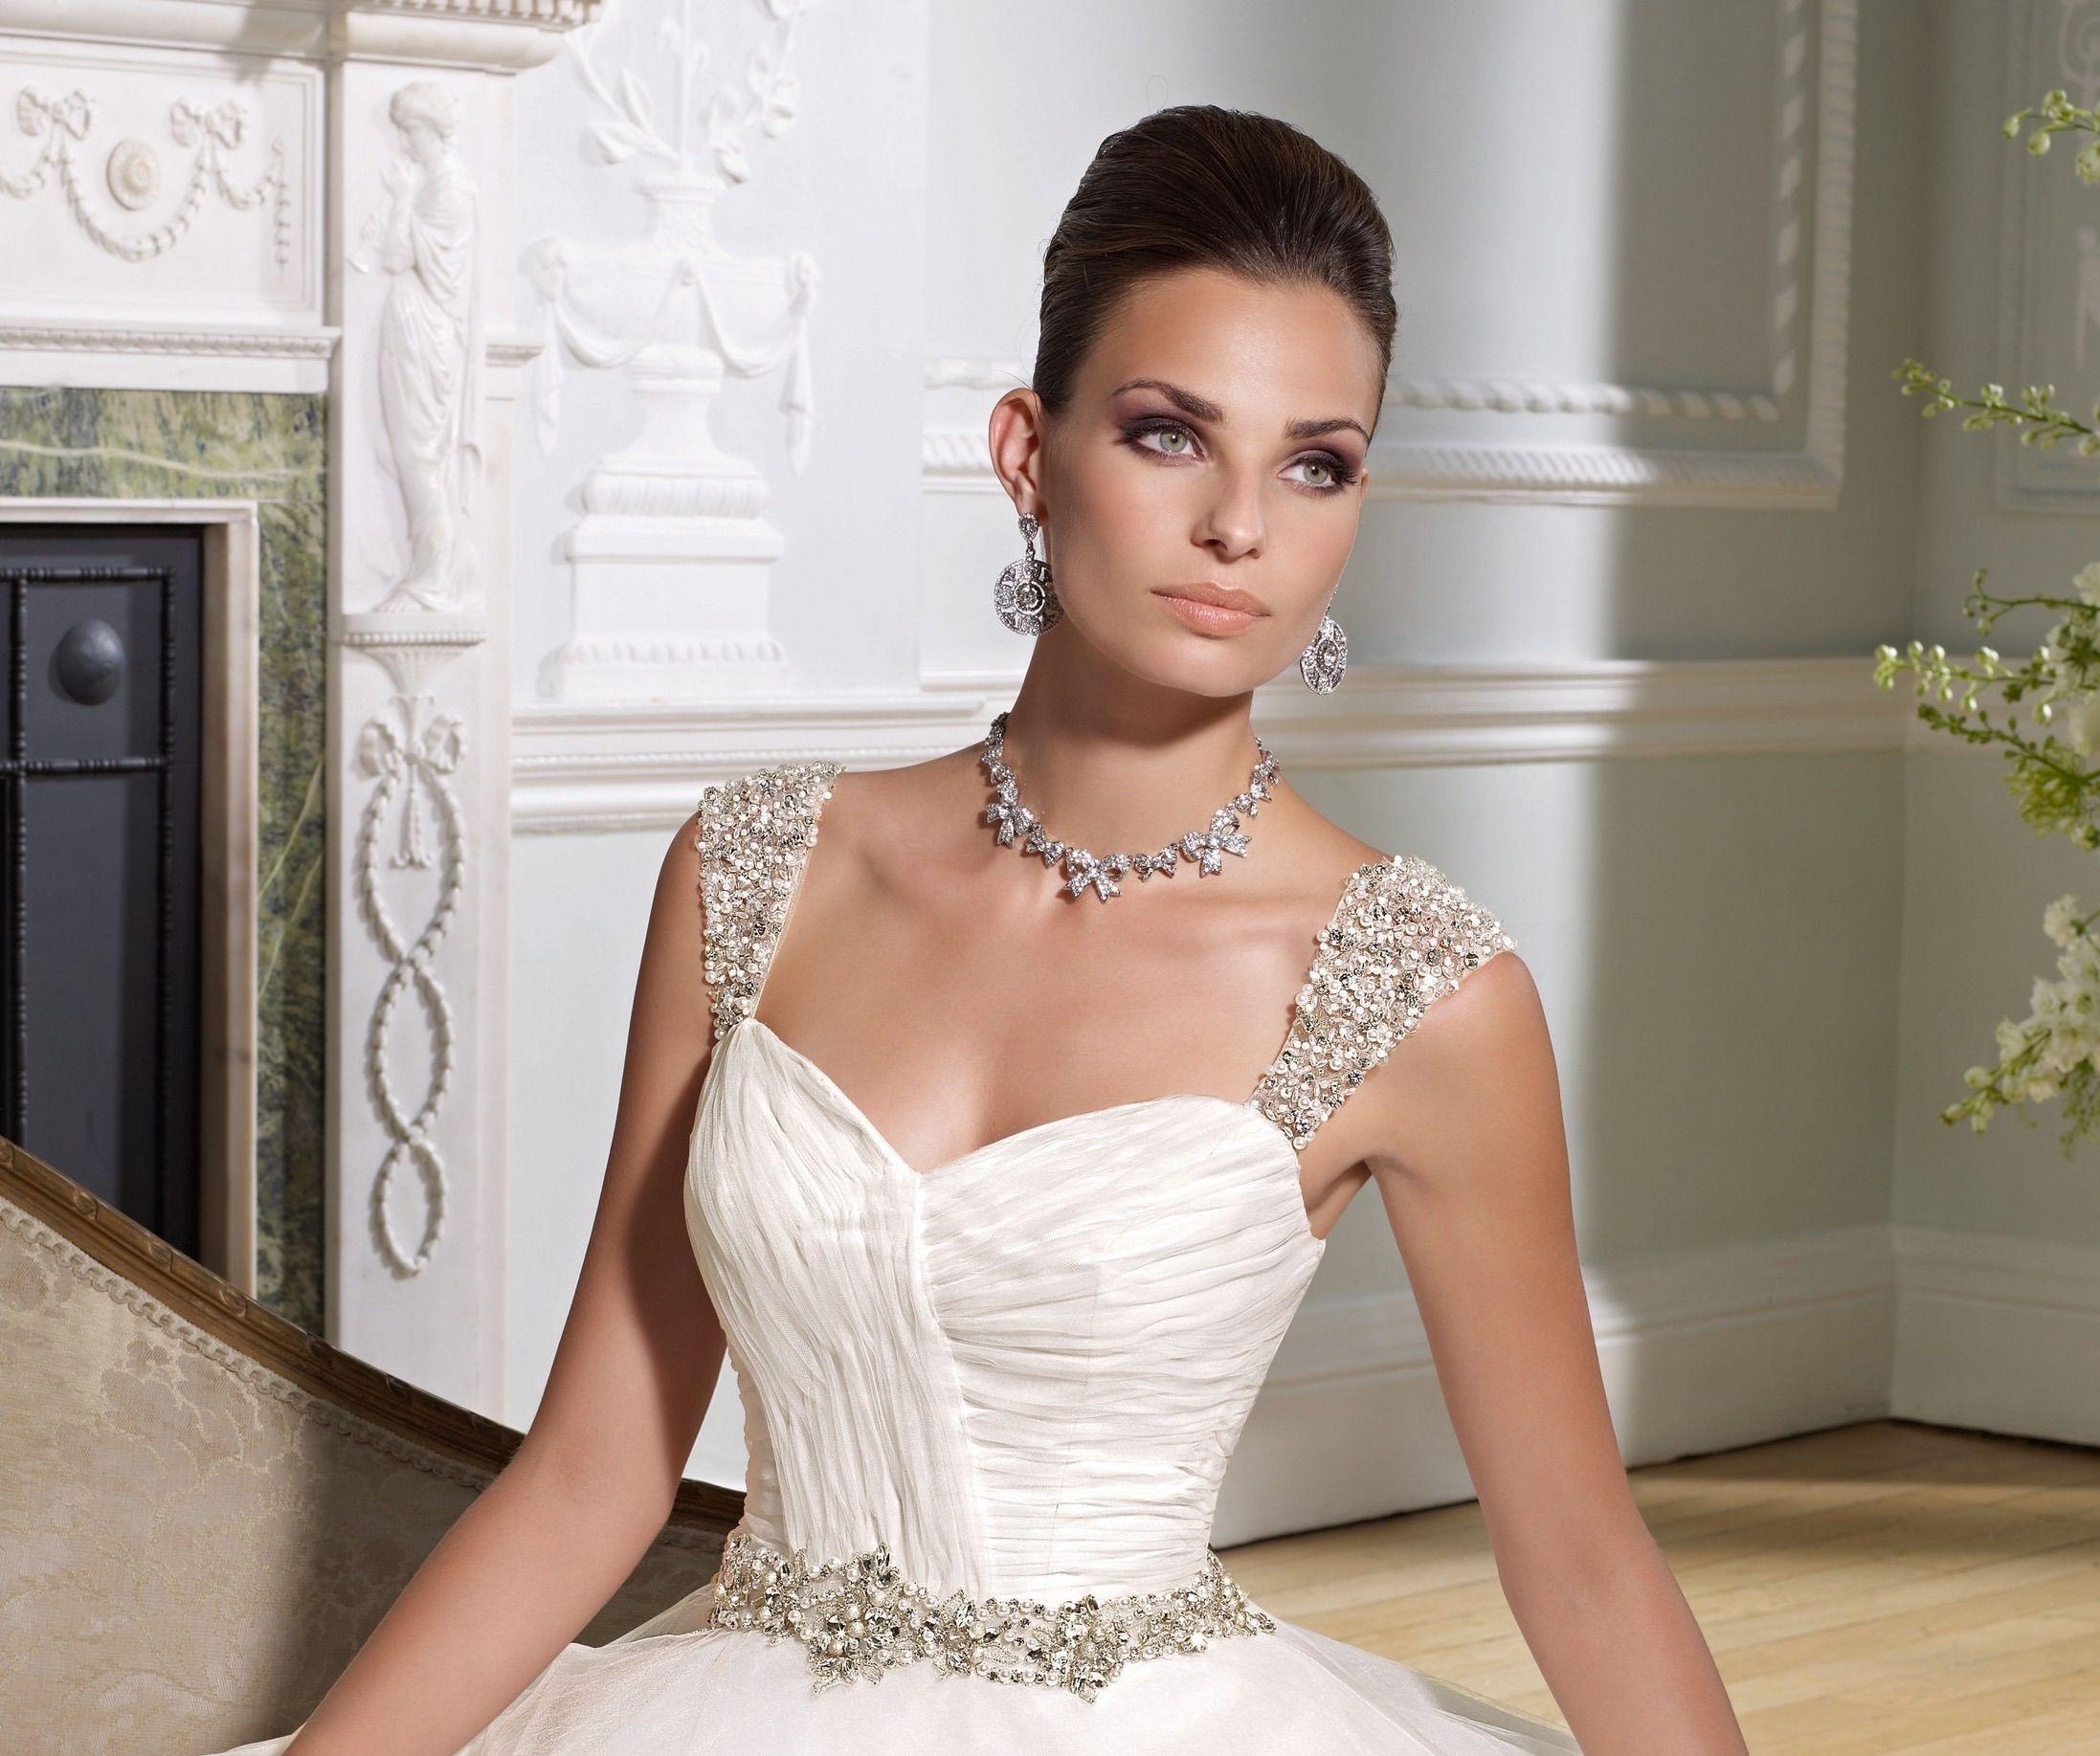 Shoulder straps for wedding dresses